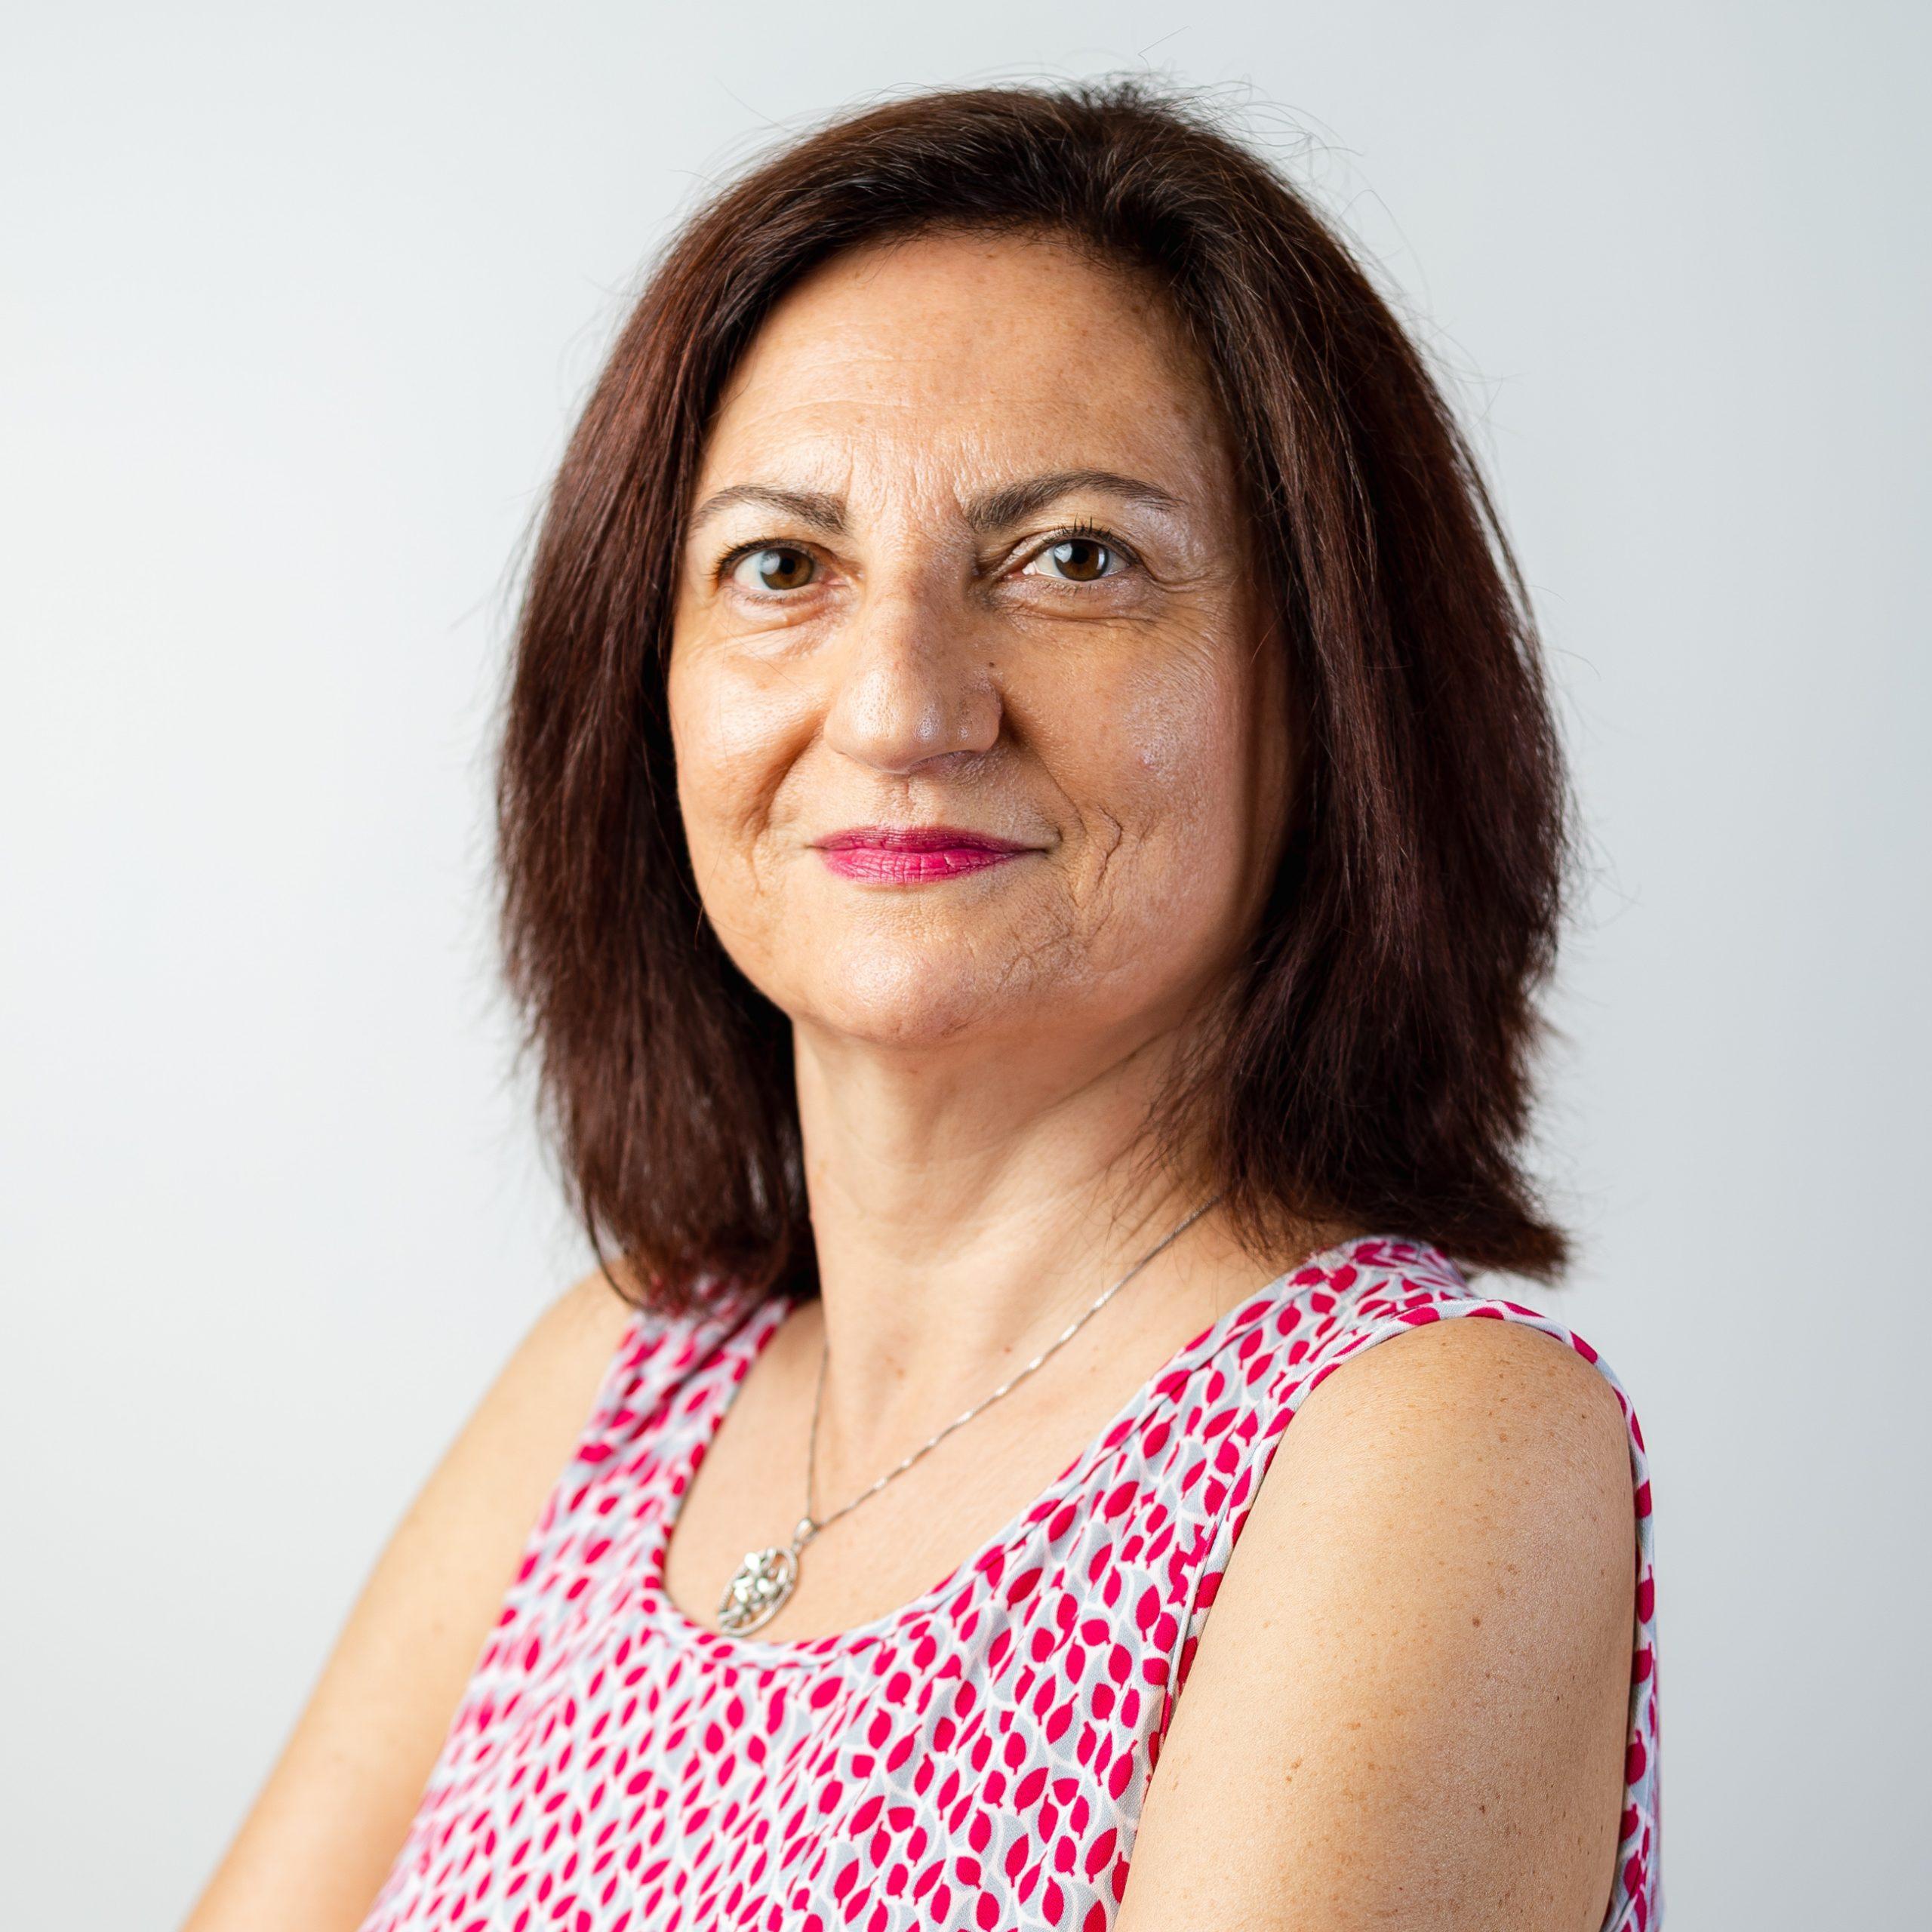 Marina Marrocchi